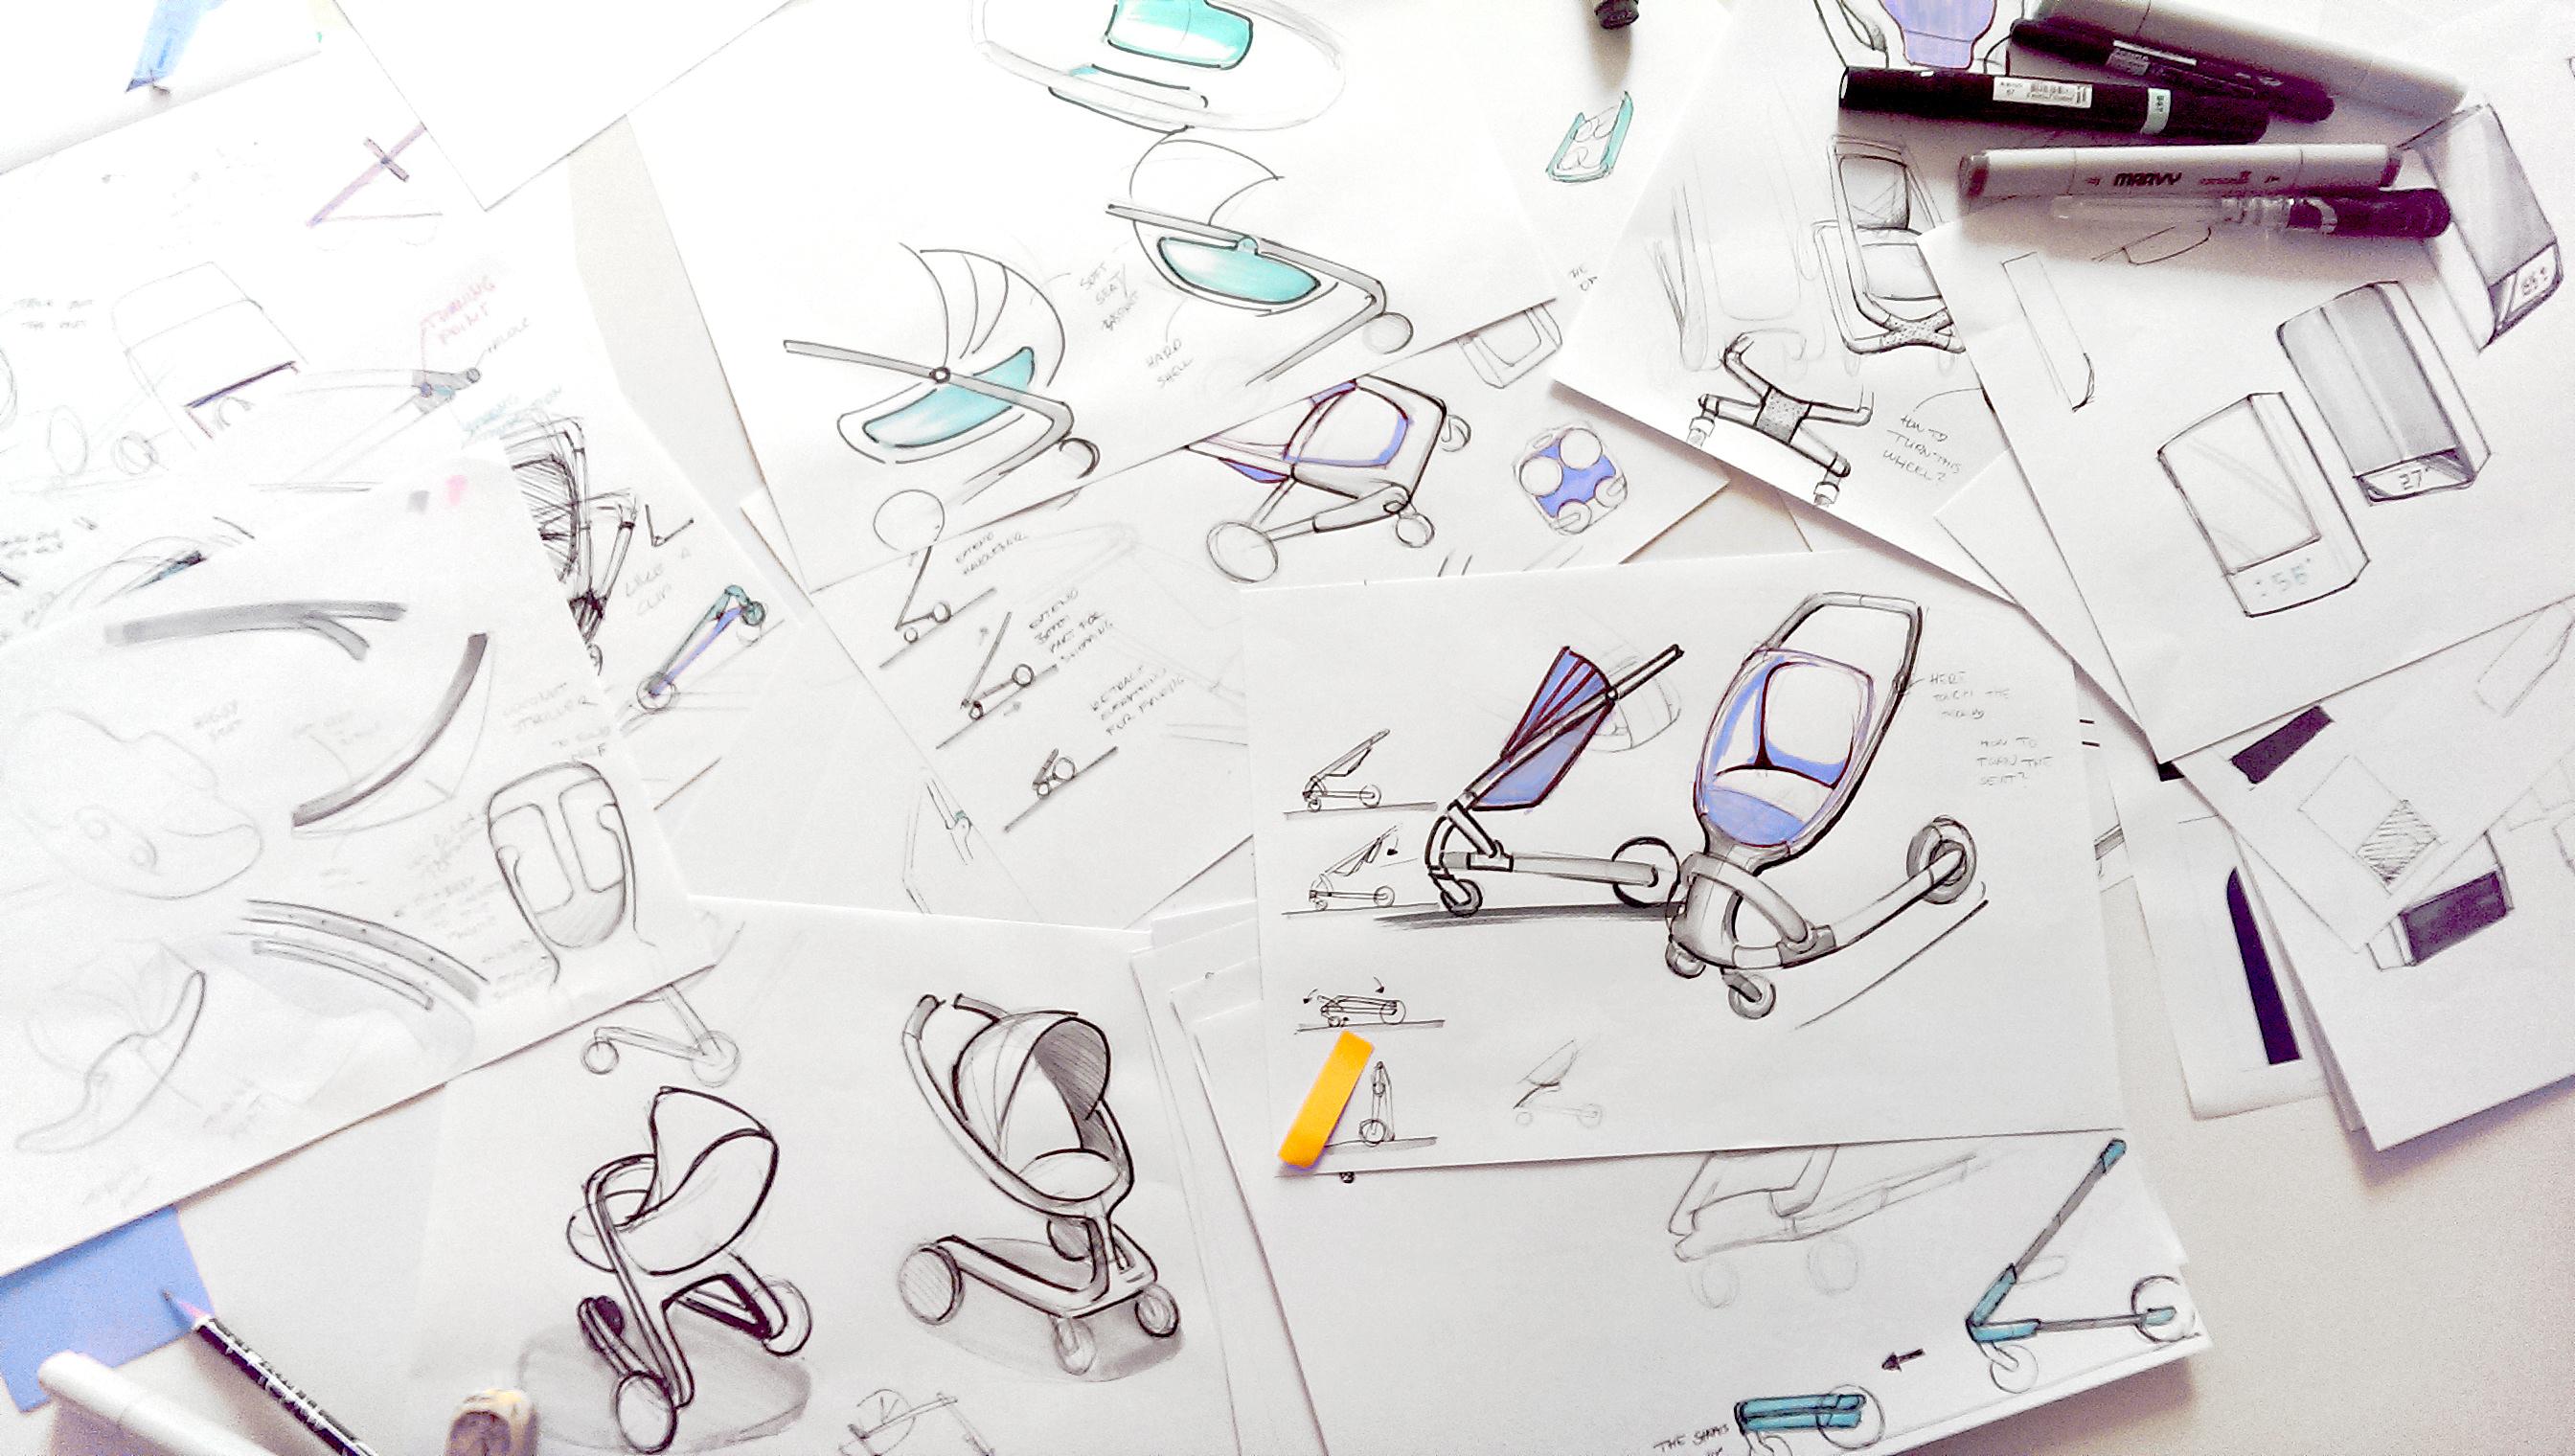 Sketches of stroller design